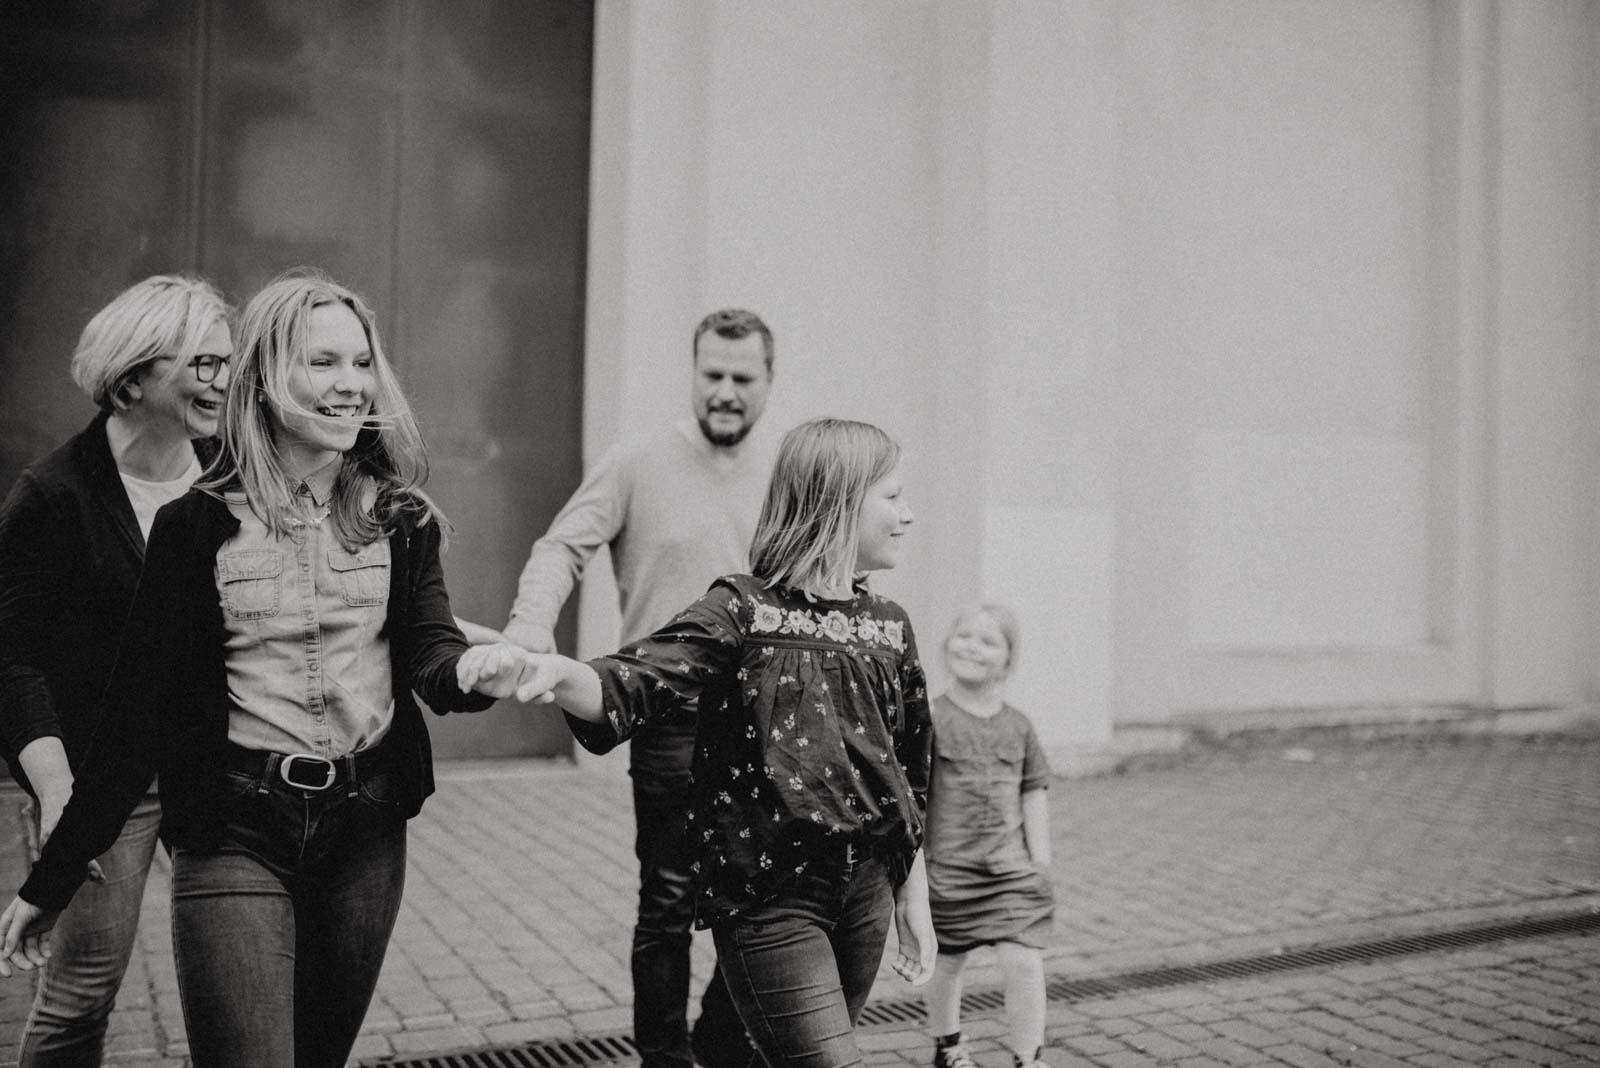 022-ungestellte-familienfotos-familienshooting-bochum-industrie-jahrhunderthalle